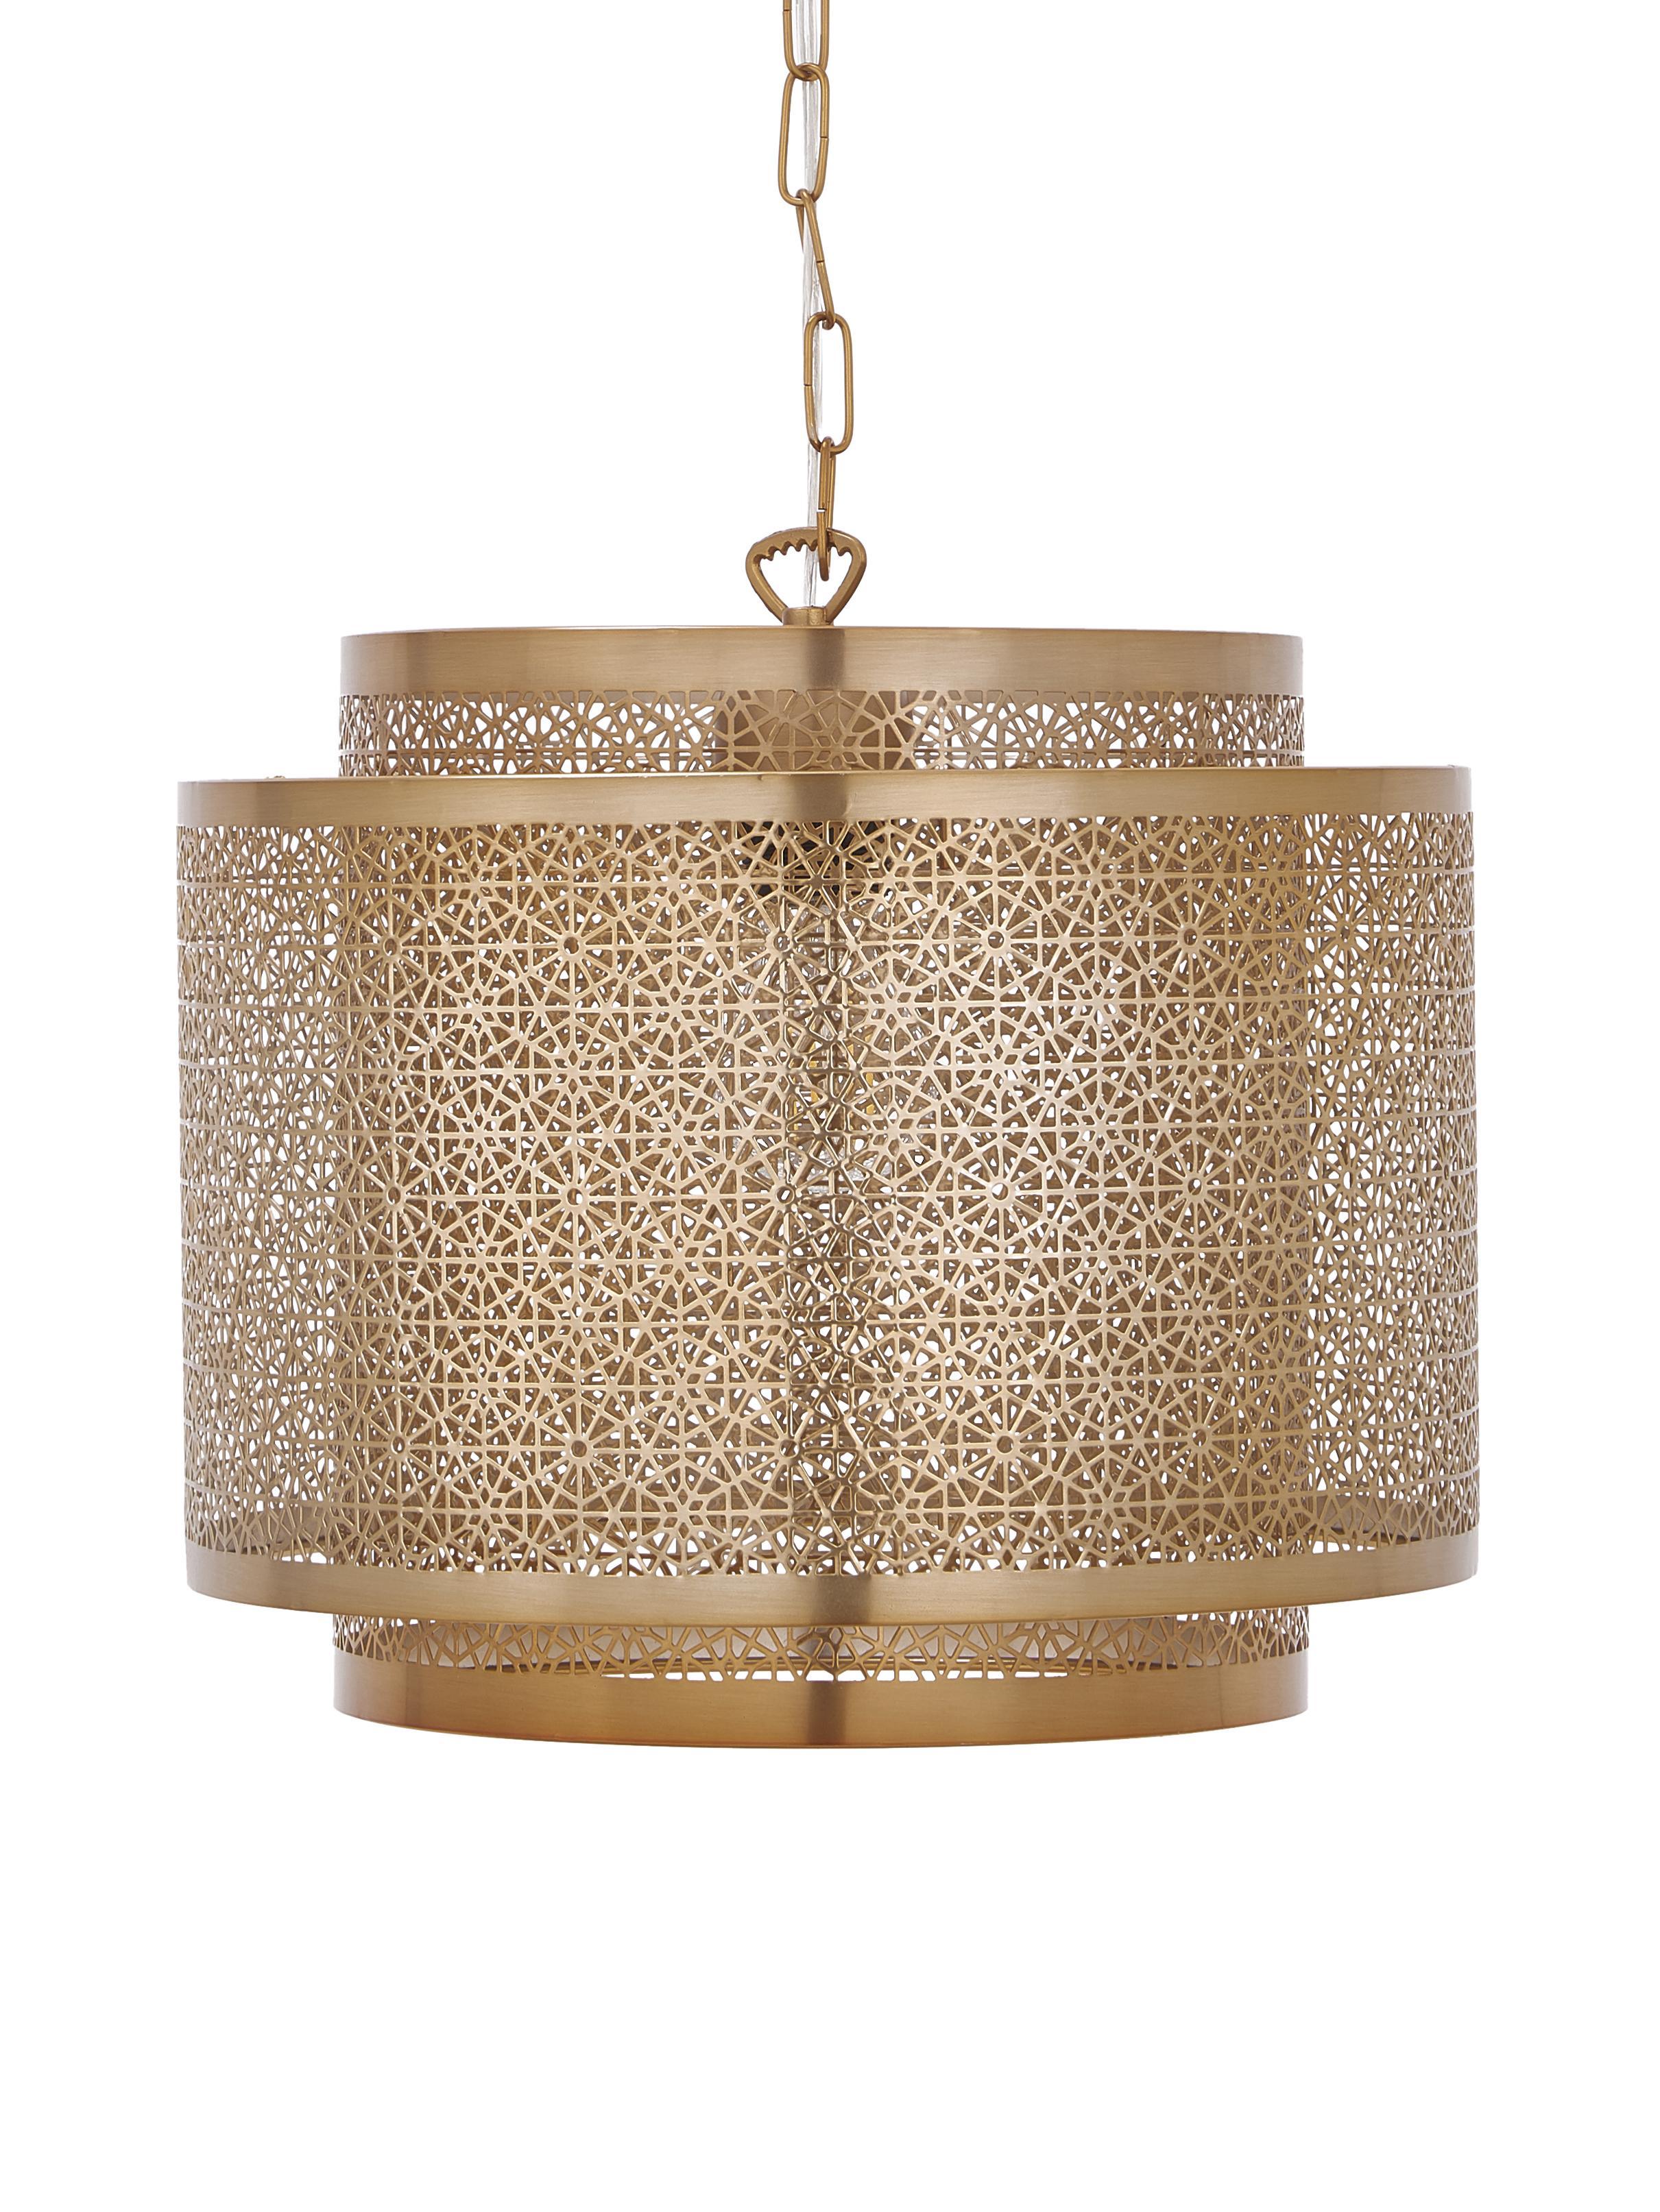 Lampa wisząca z mosiądzu Hermine, Mosiądz, Mosiądz, matowy, Ø 35 x W 28 cm